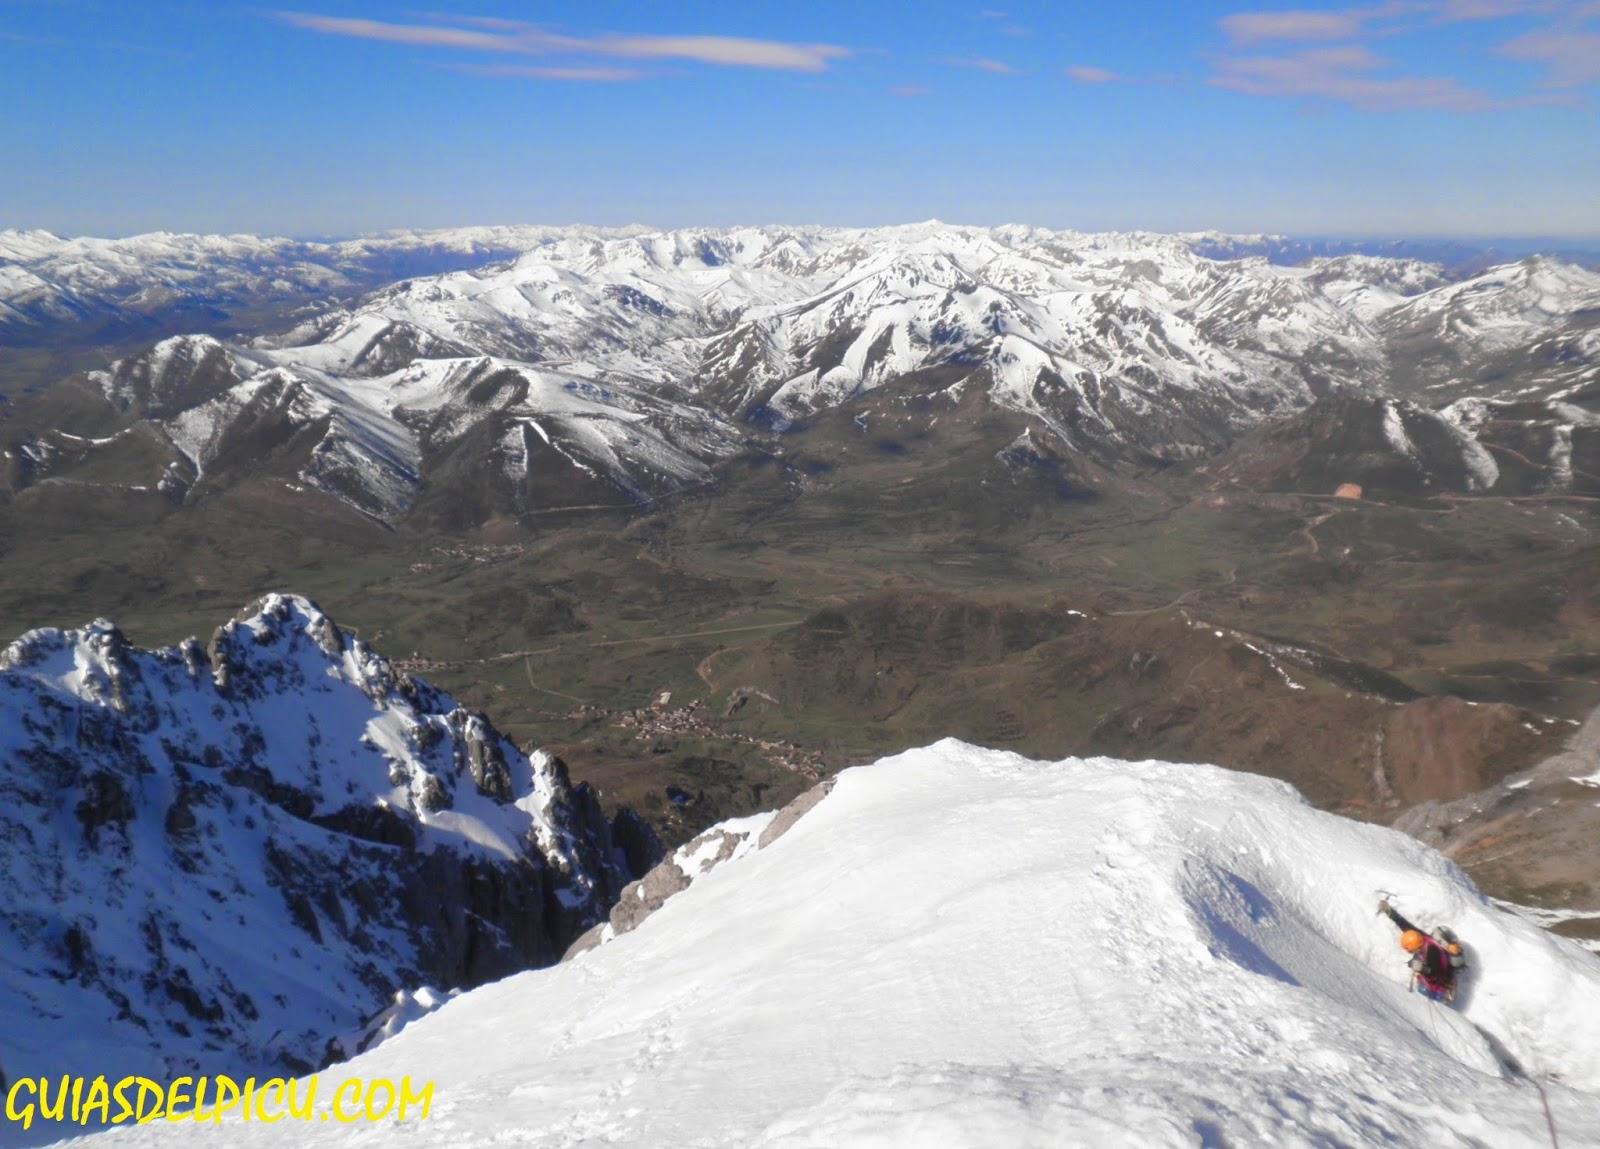 guias del picu.com fernando calvo gonzalez guia de montaña tecnico deportivo alta montaña